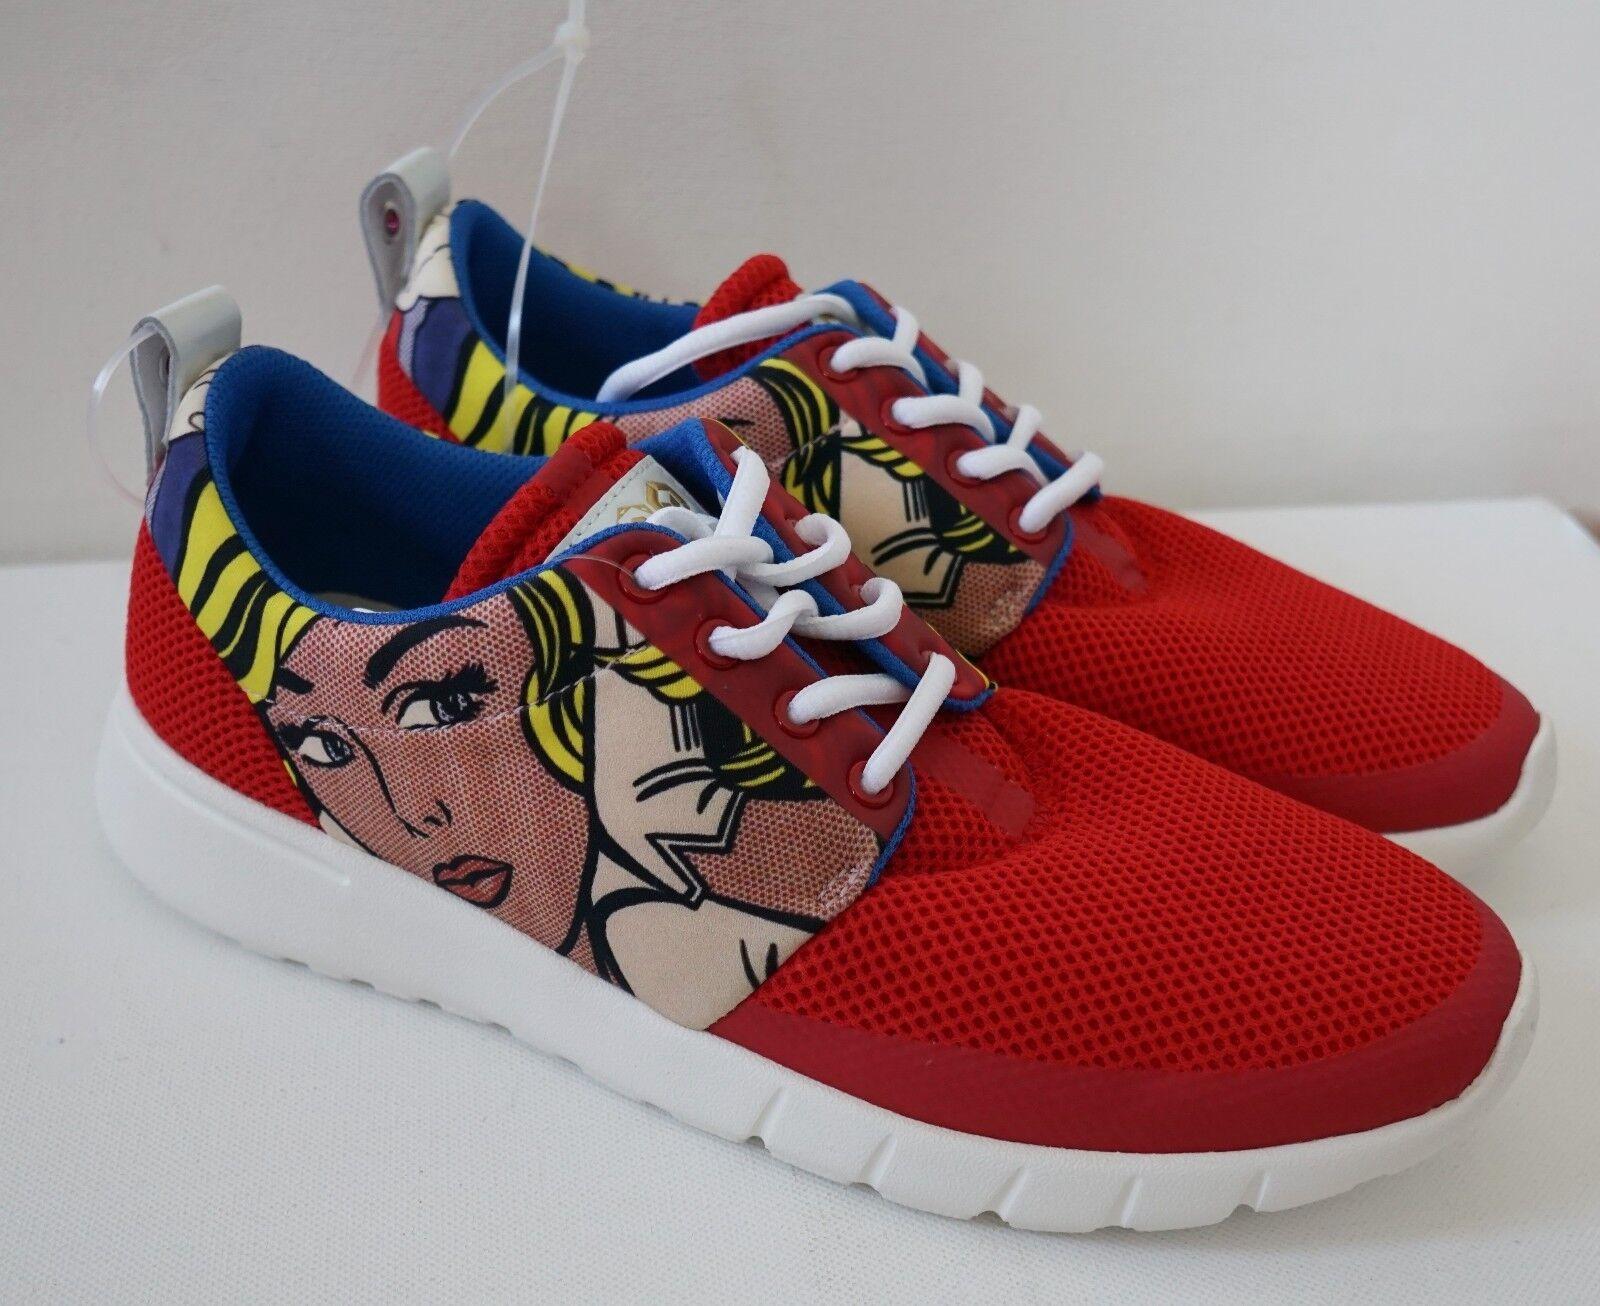 MOA MASTER OF ARTS Multi Colored Fashion Shoes EUR 41 8 7